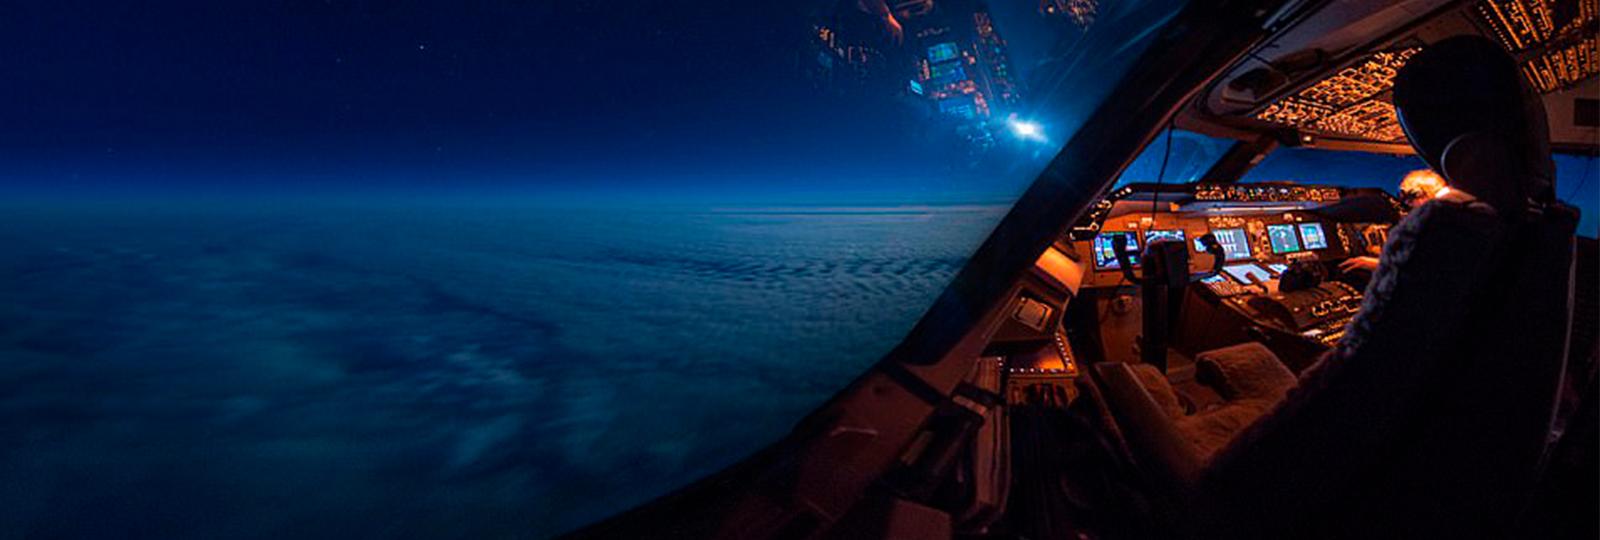 Melhor escritório: piloto capta imagens impressionantes de sua cabine num boeing 747